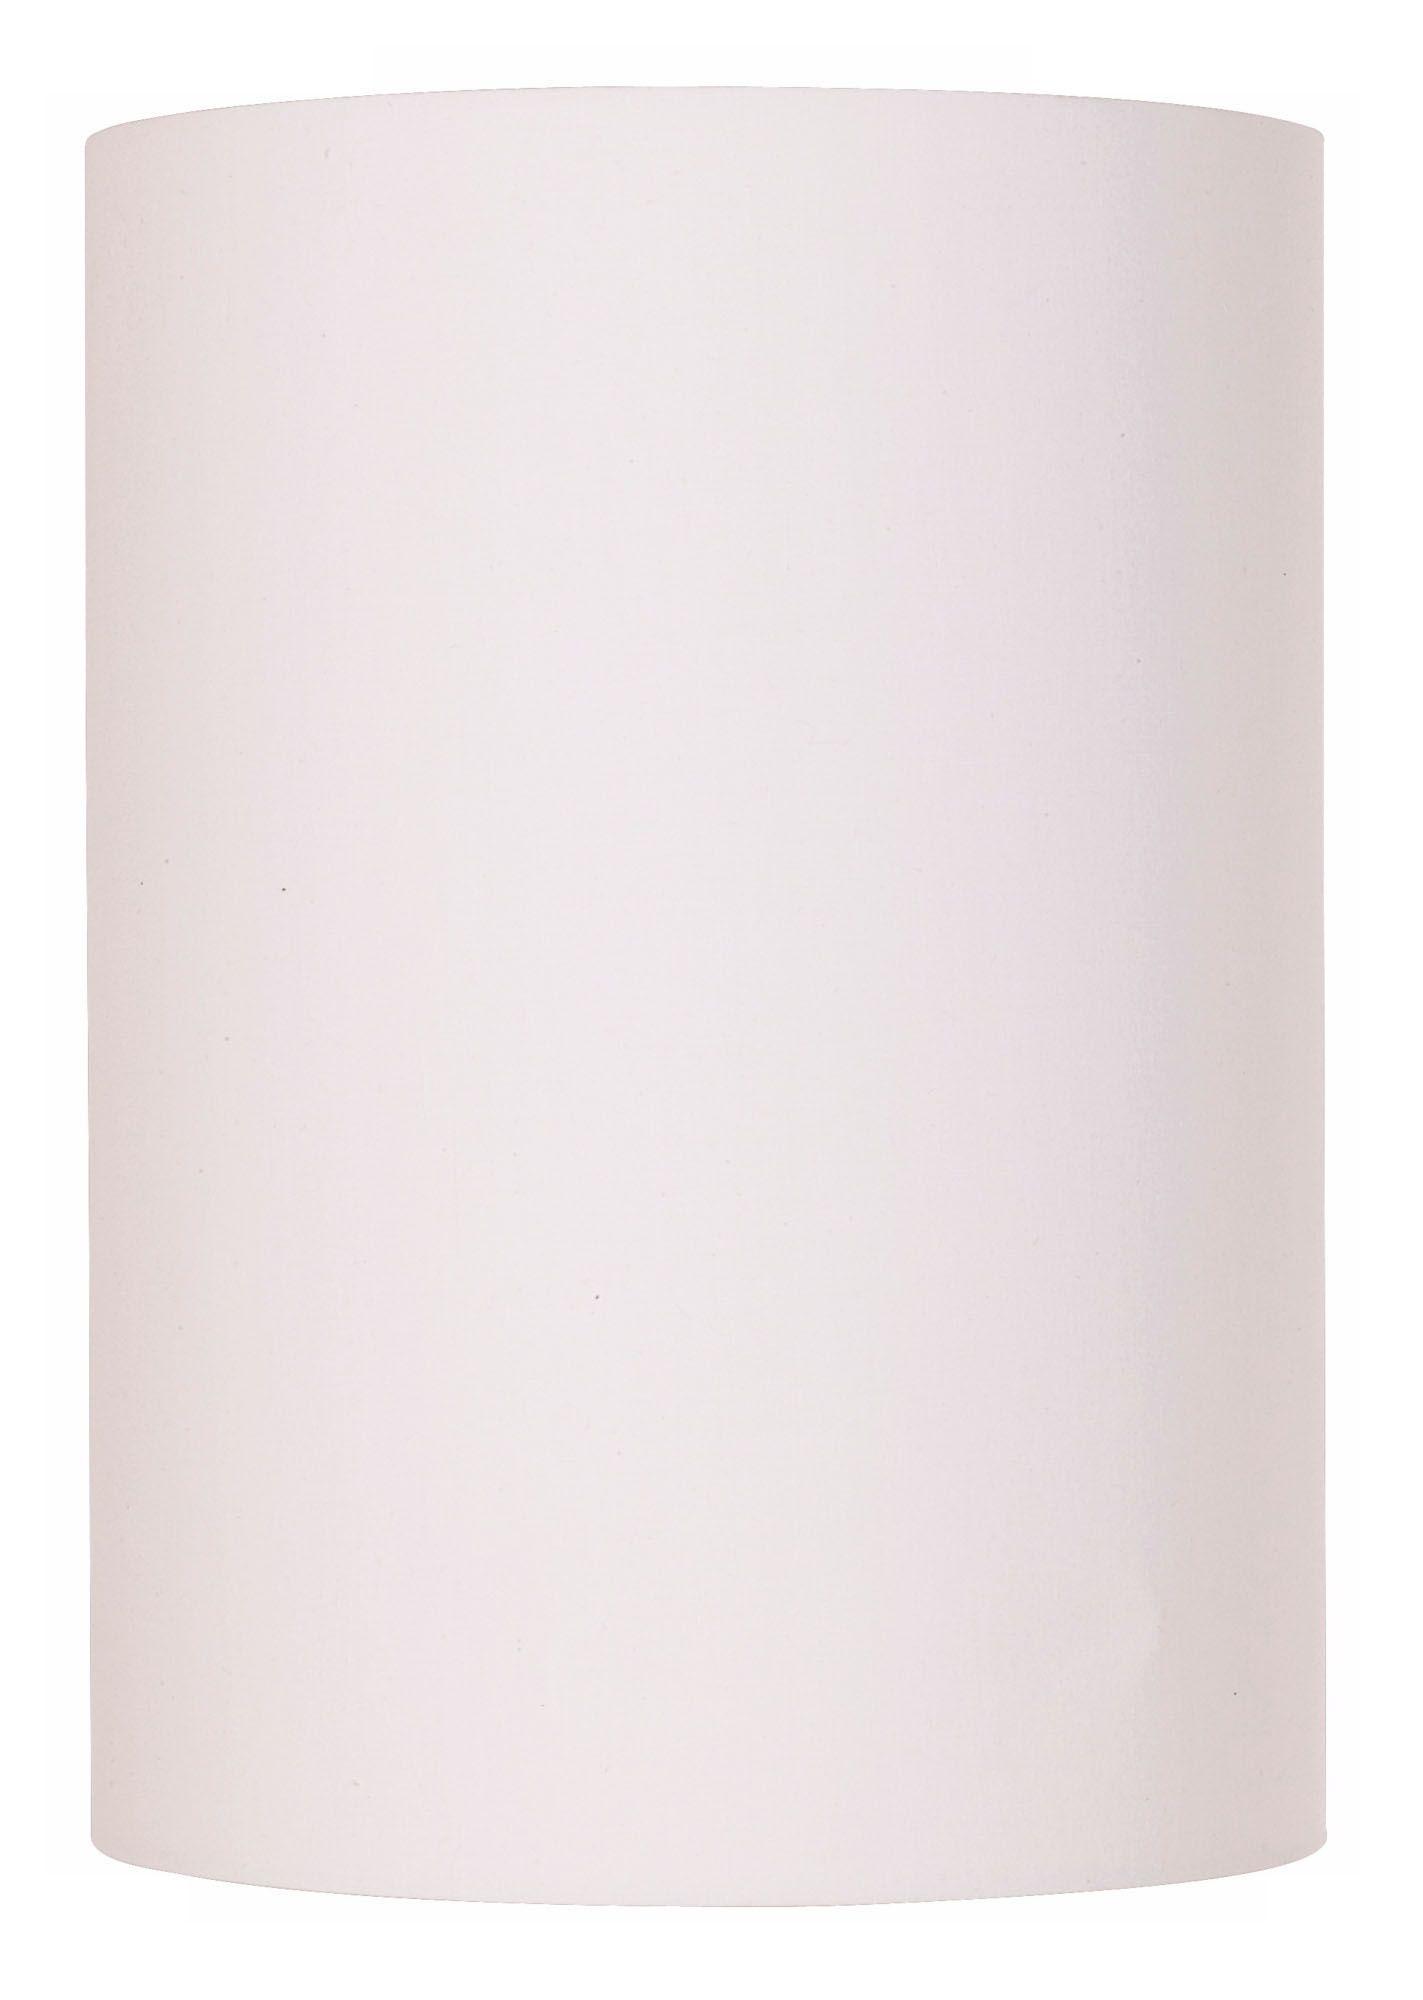 White Cotton Drum Cylinder Shade 8x8x11 (Spider)